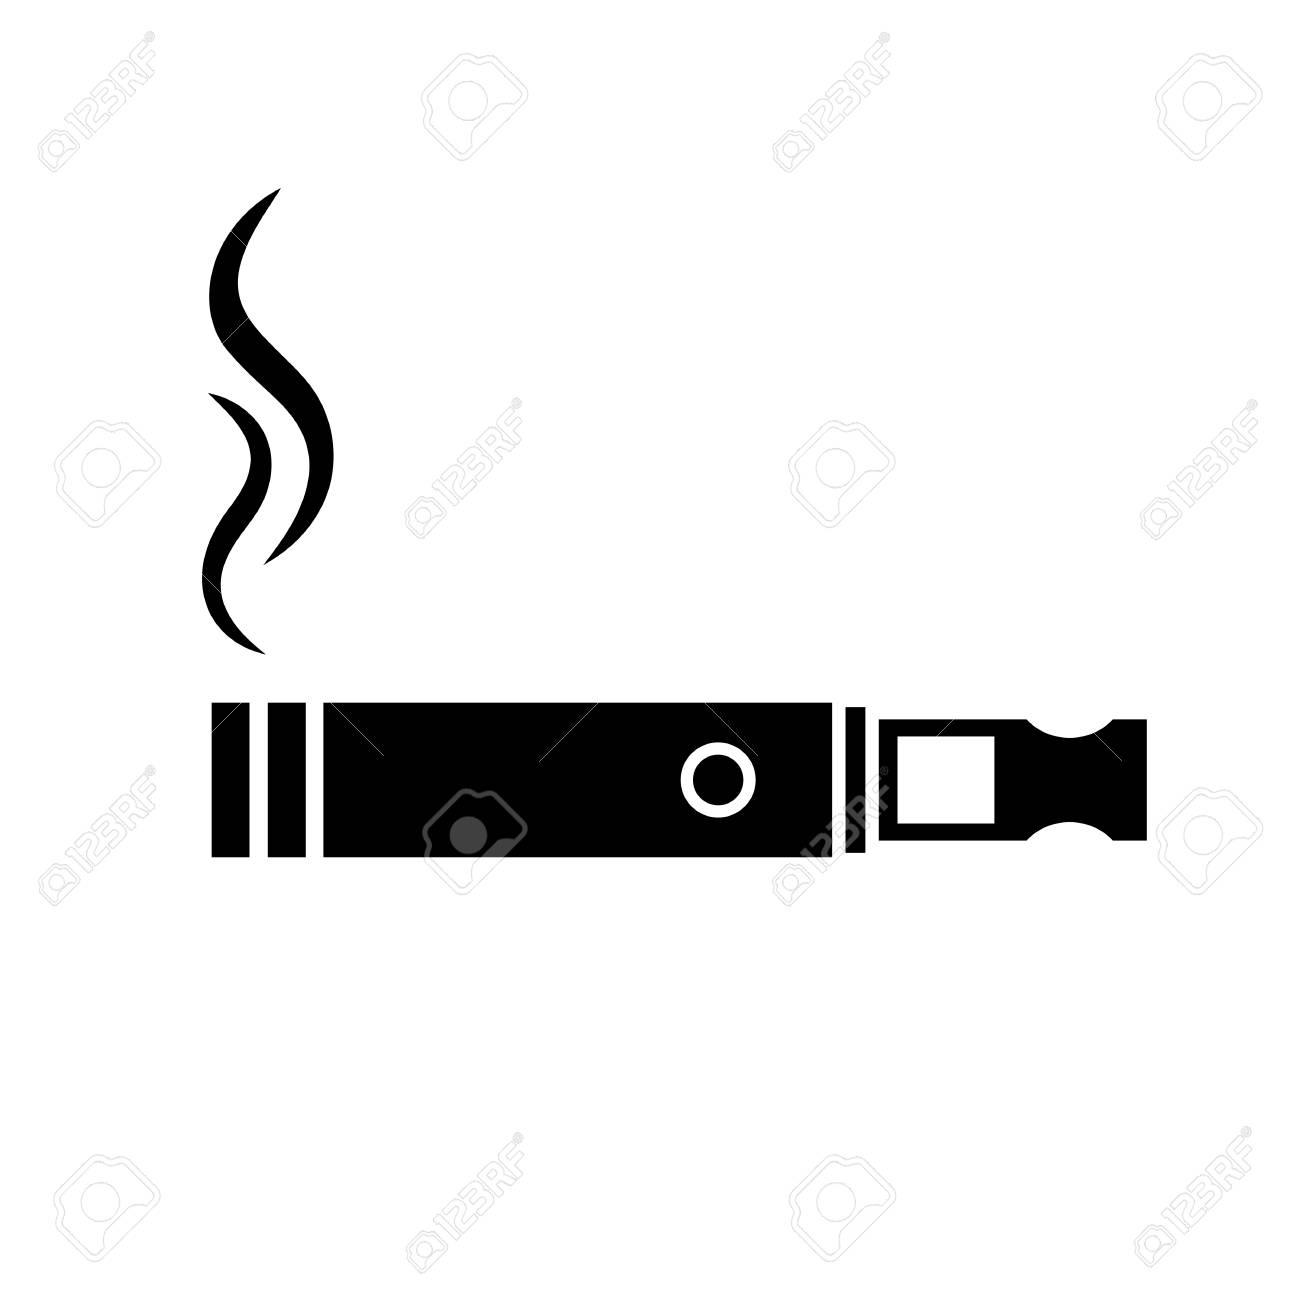 E-cigarette vector icon - 102827982